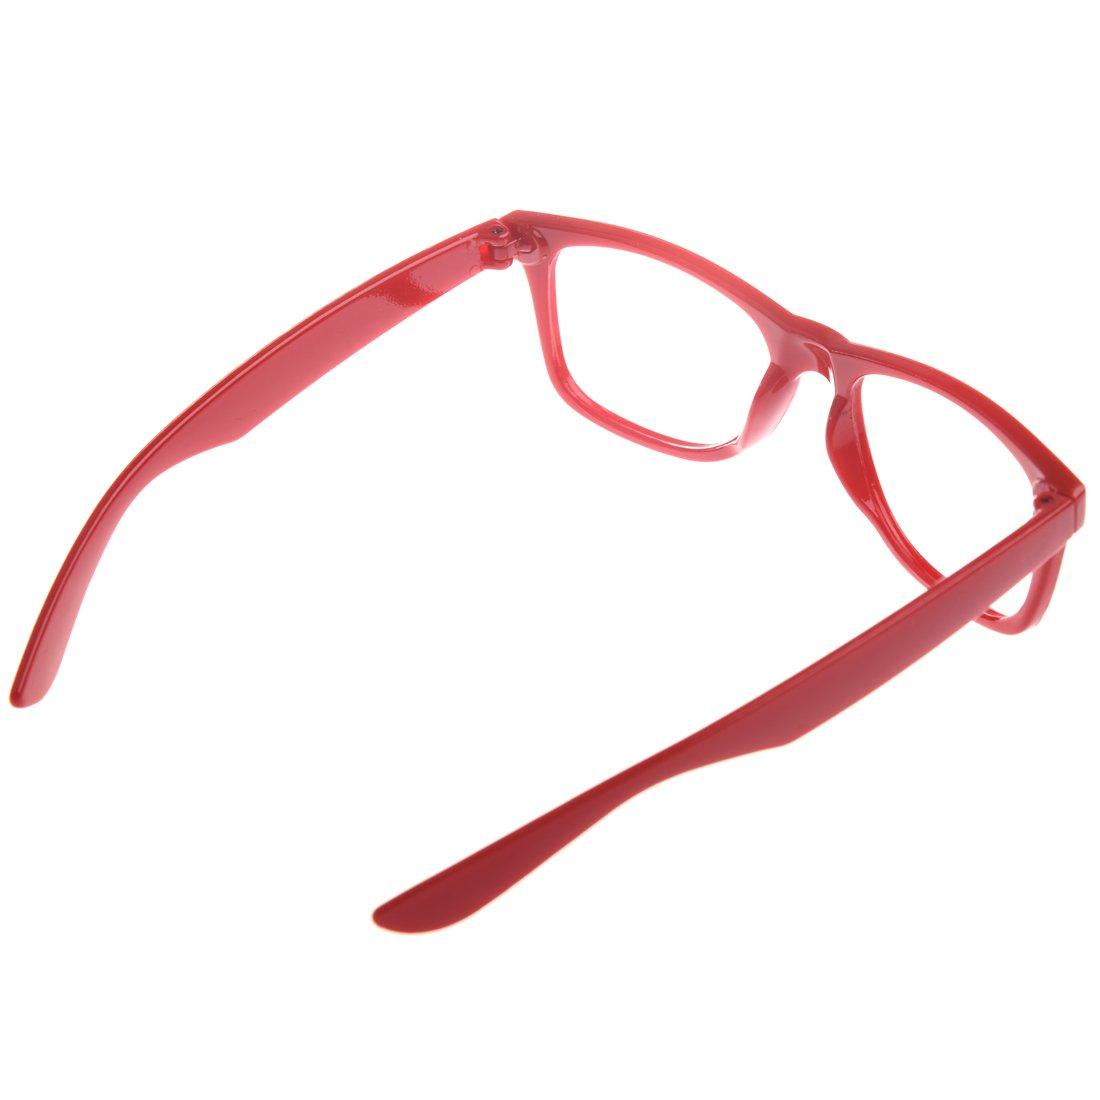 SODIAL Marco de los lentes Sin lentes Elegantes para ninos ninas Accesorio de fiesta Nuevo-Rojo